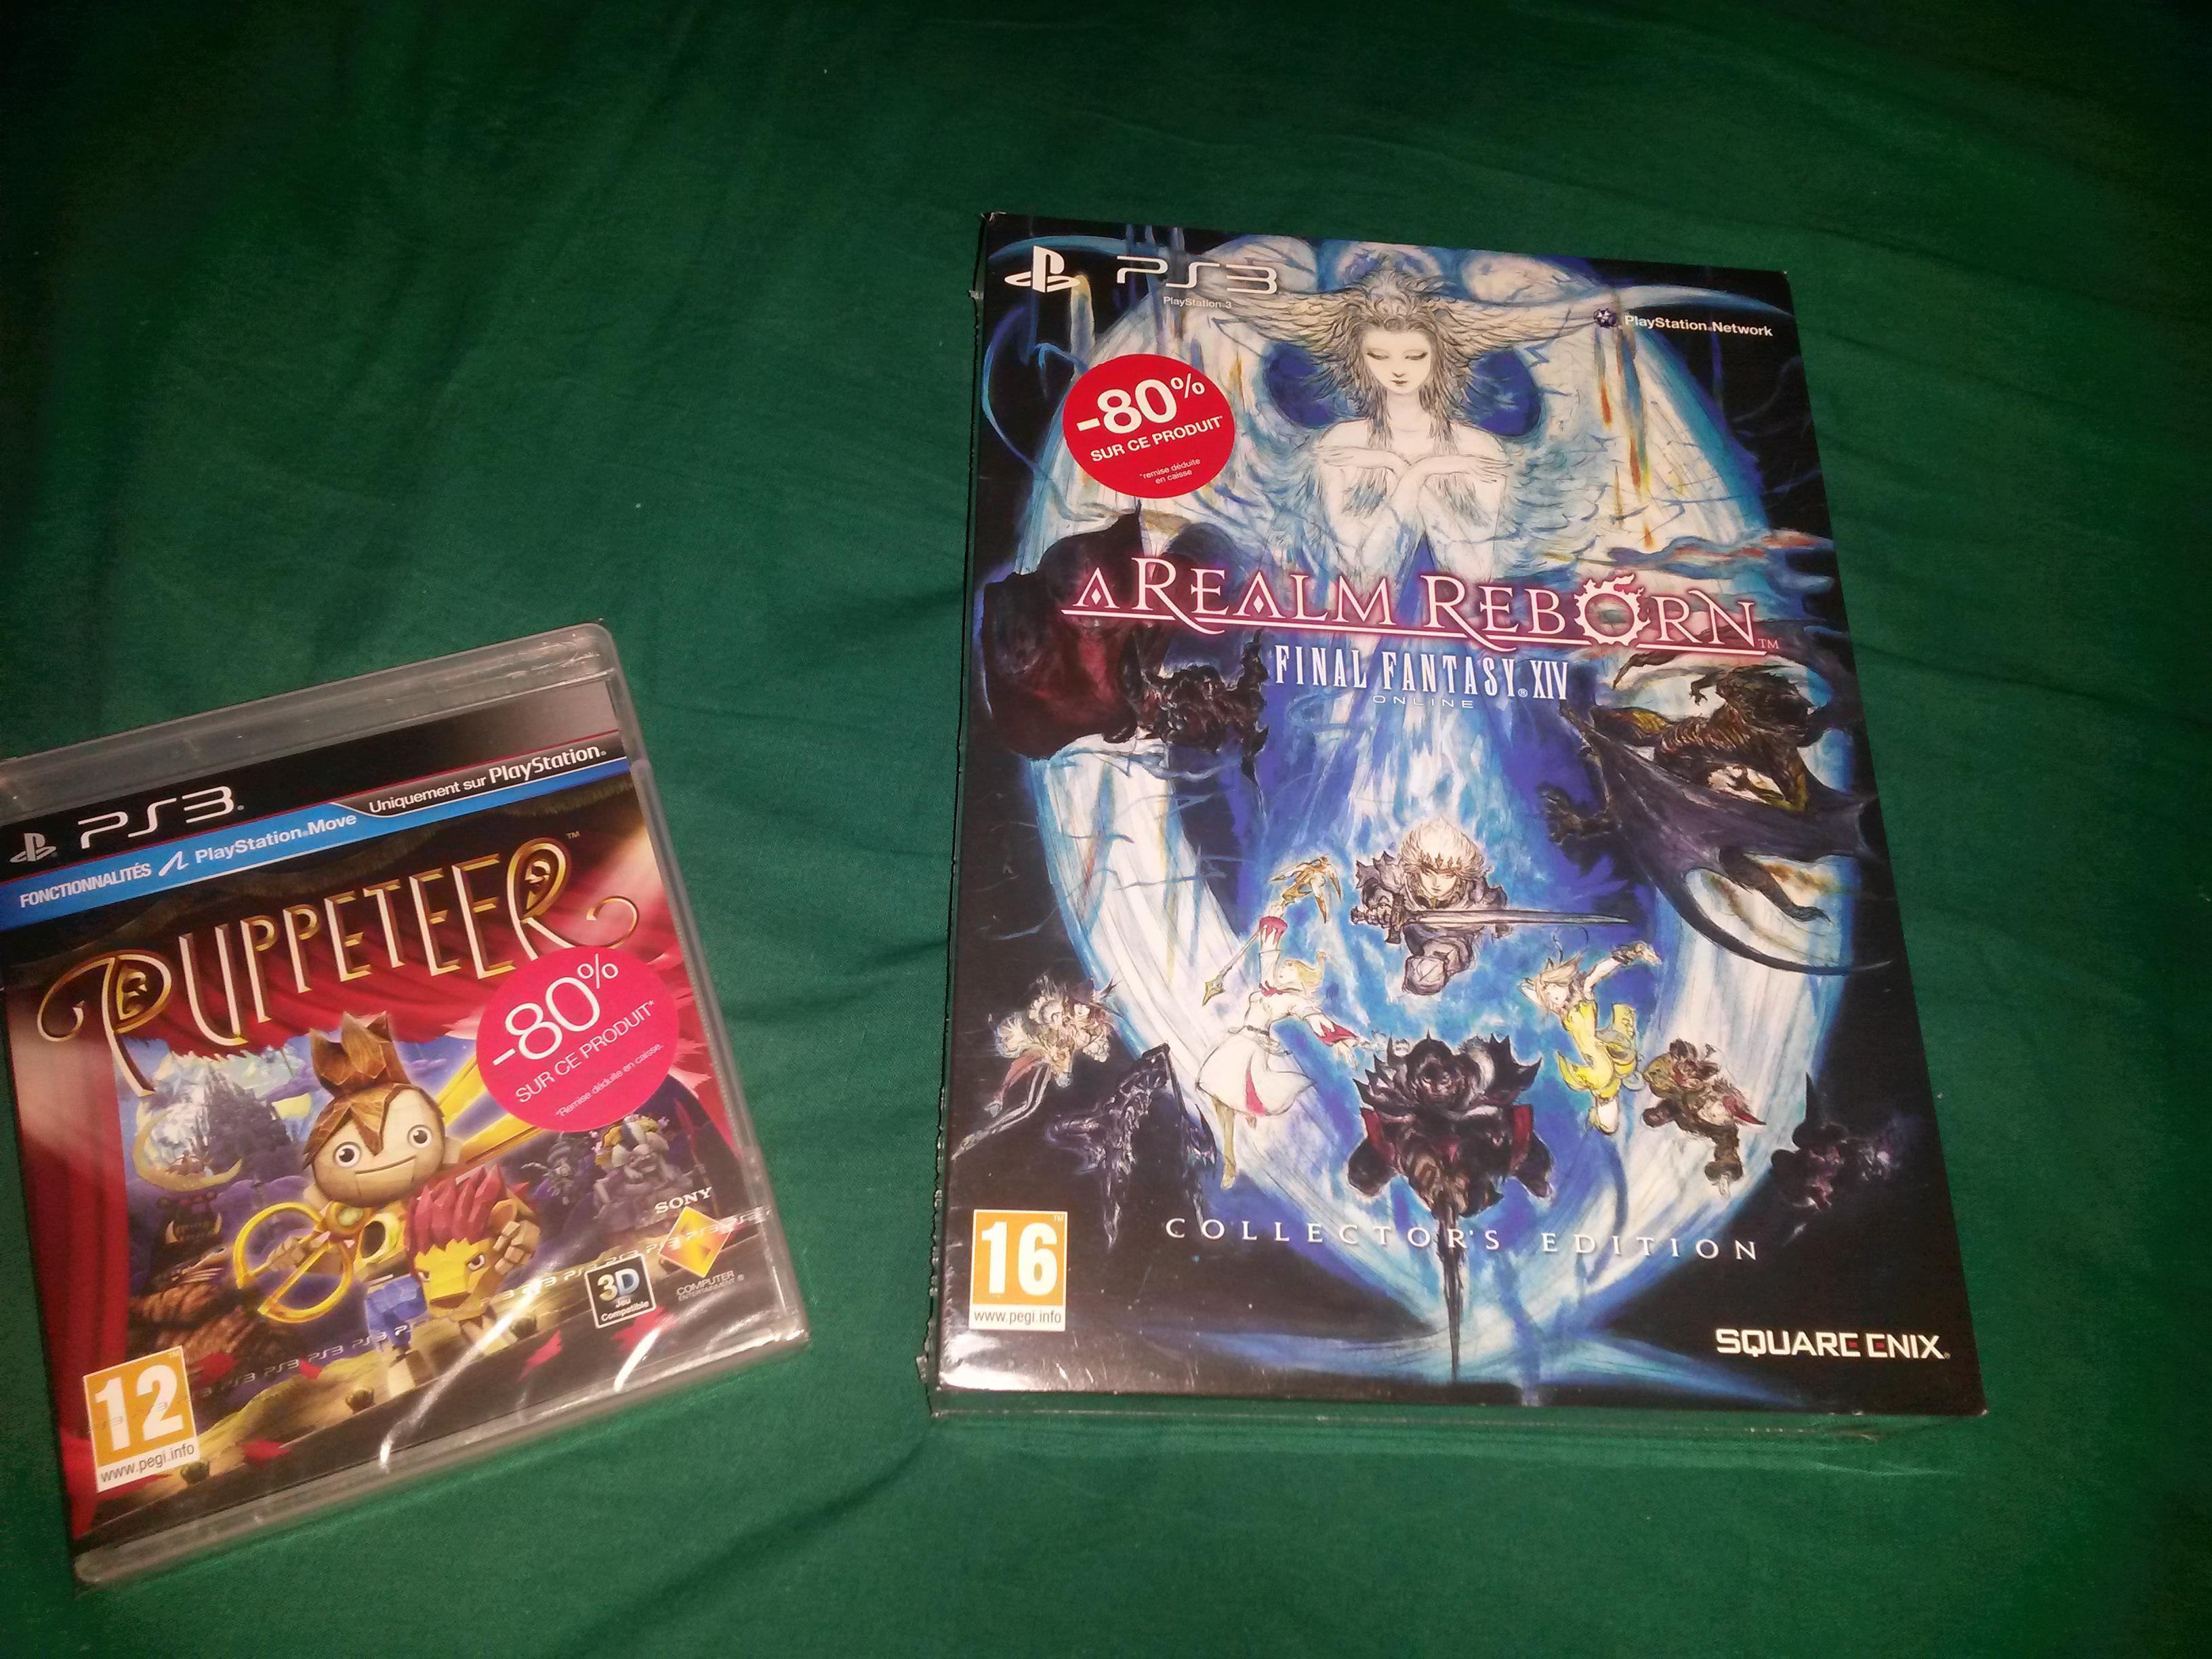 Sélection de jeux en promo - Ex : Puppeteer sur PS3